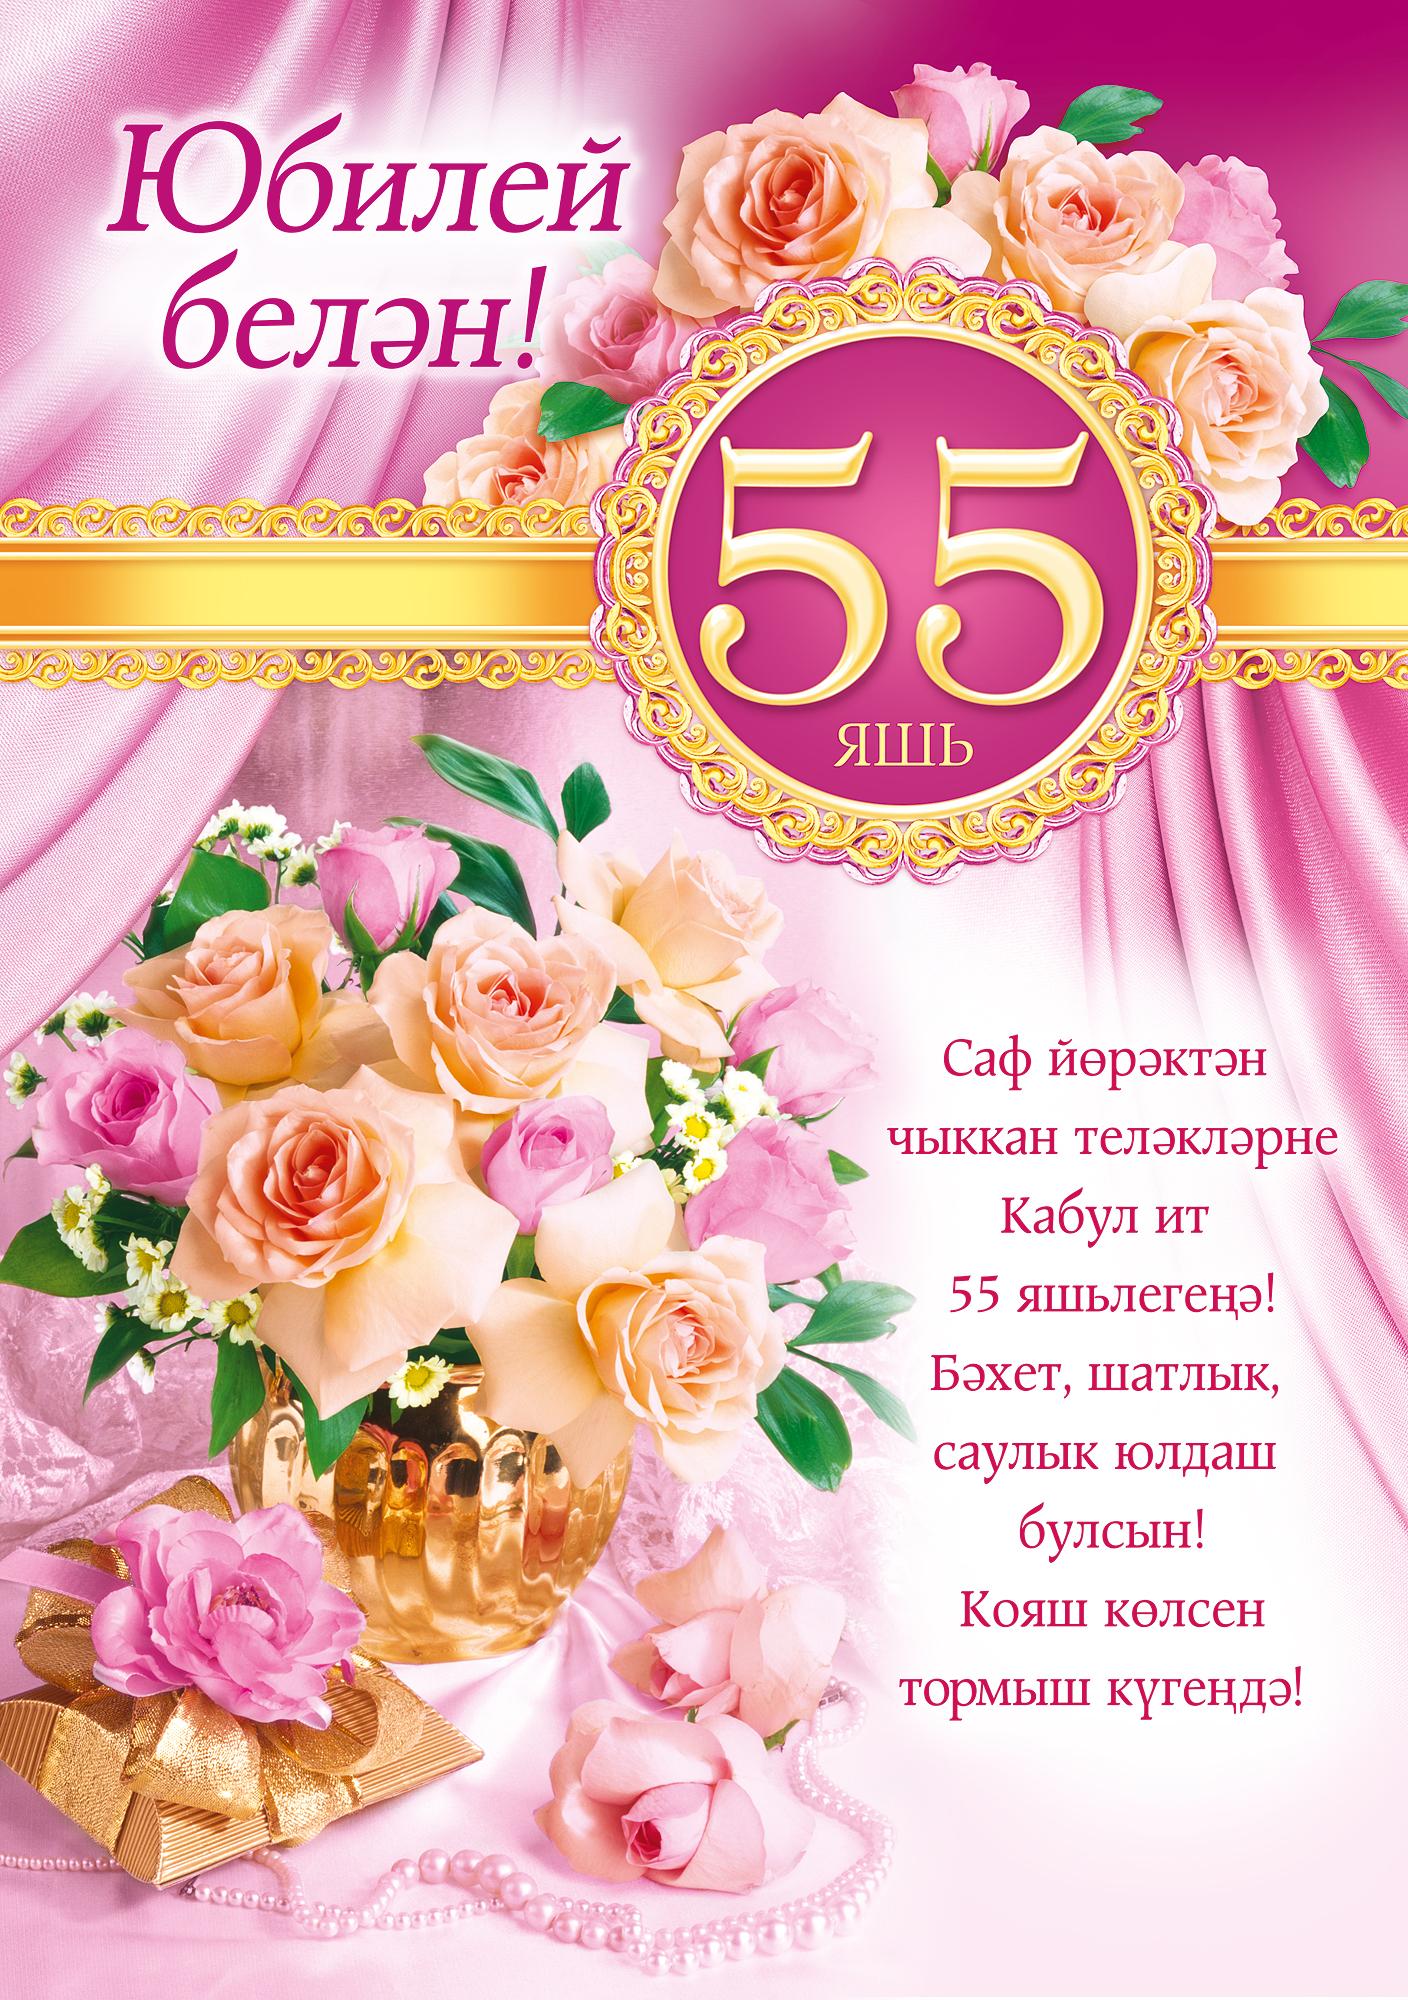 Поздравление мужа жене на 55 летие